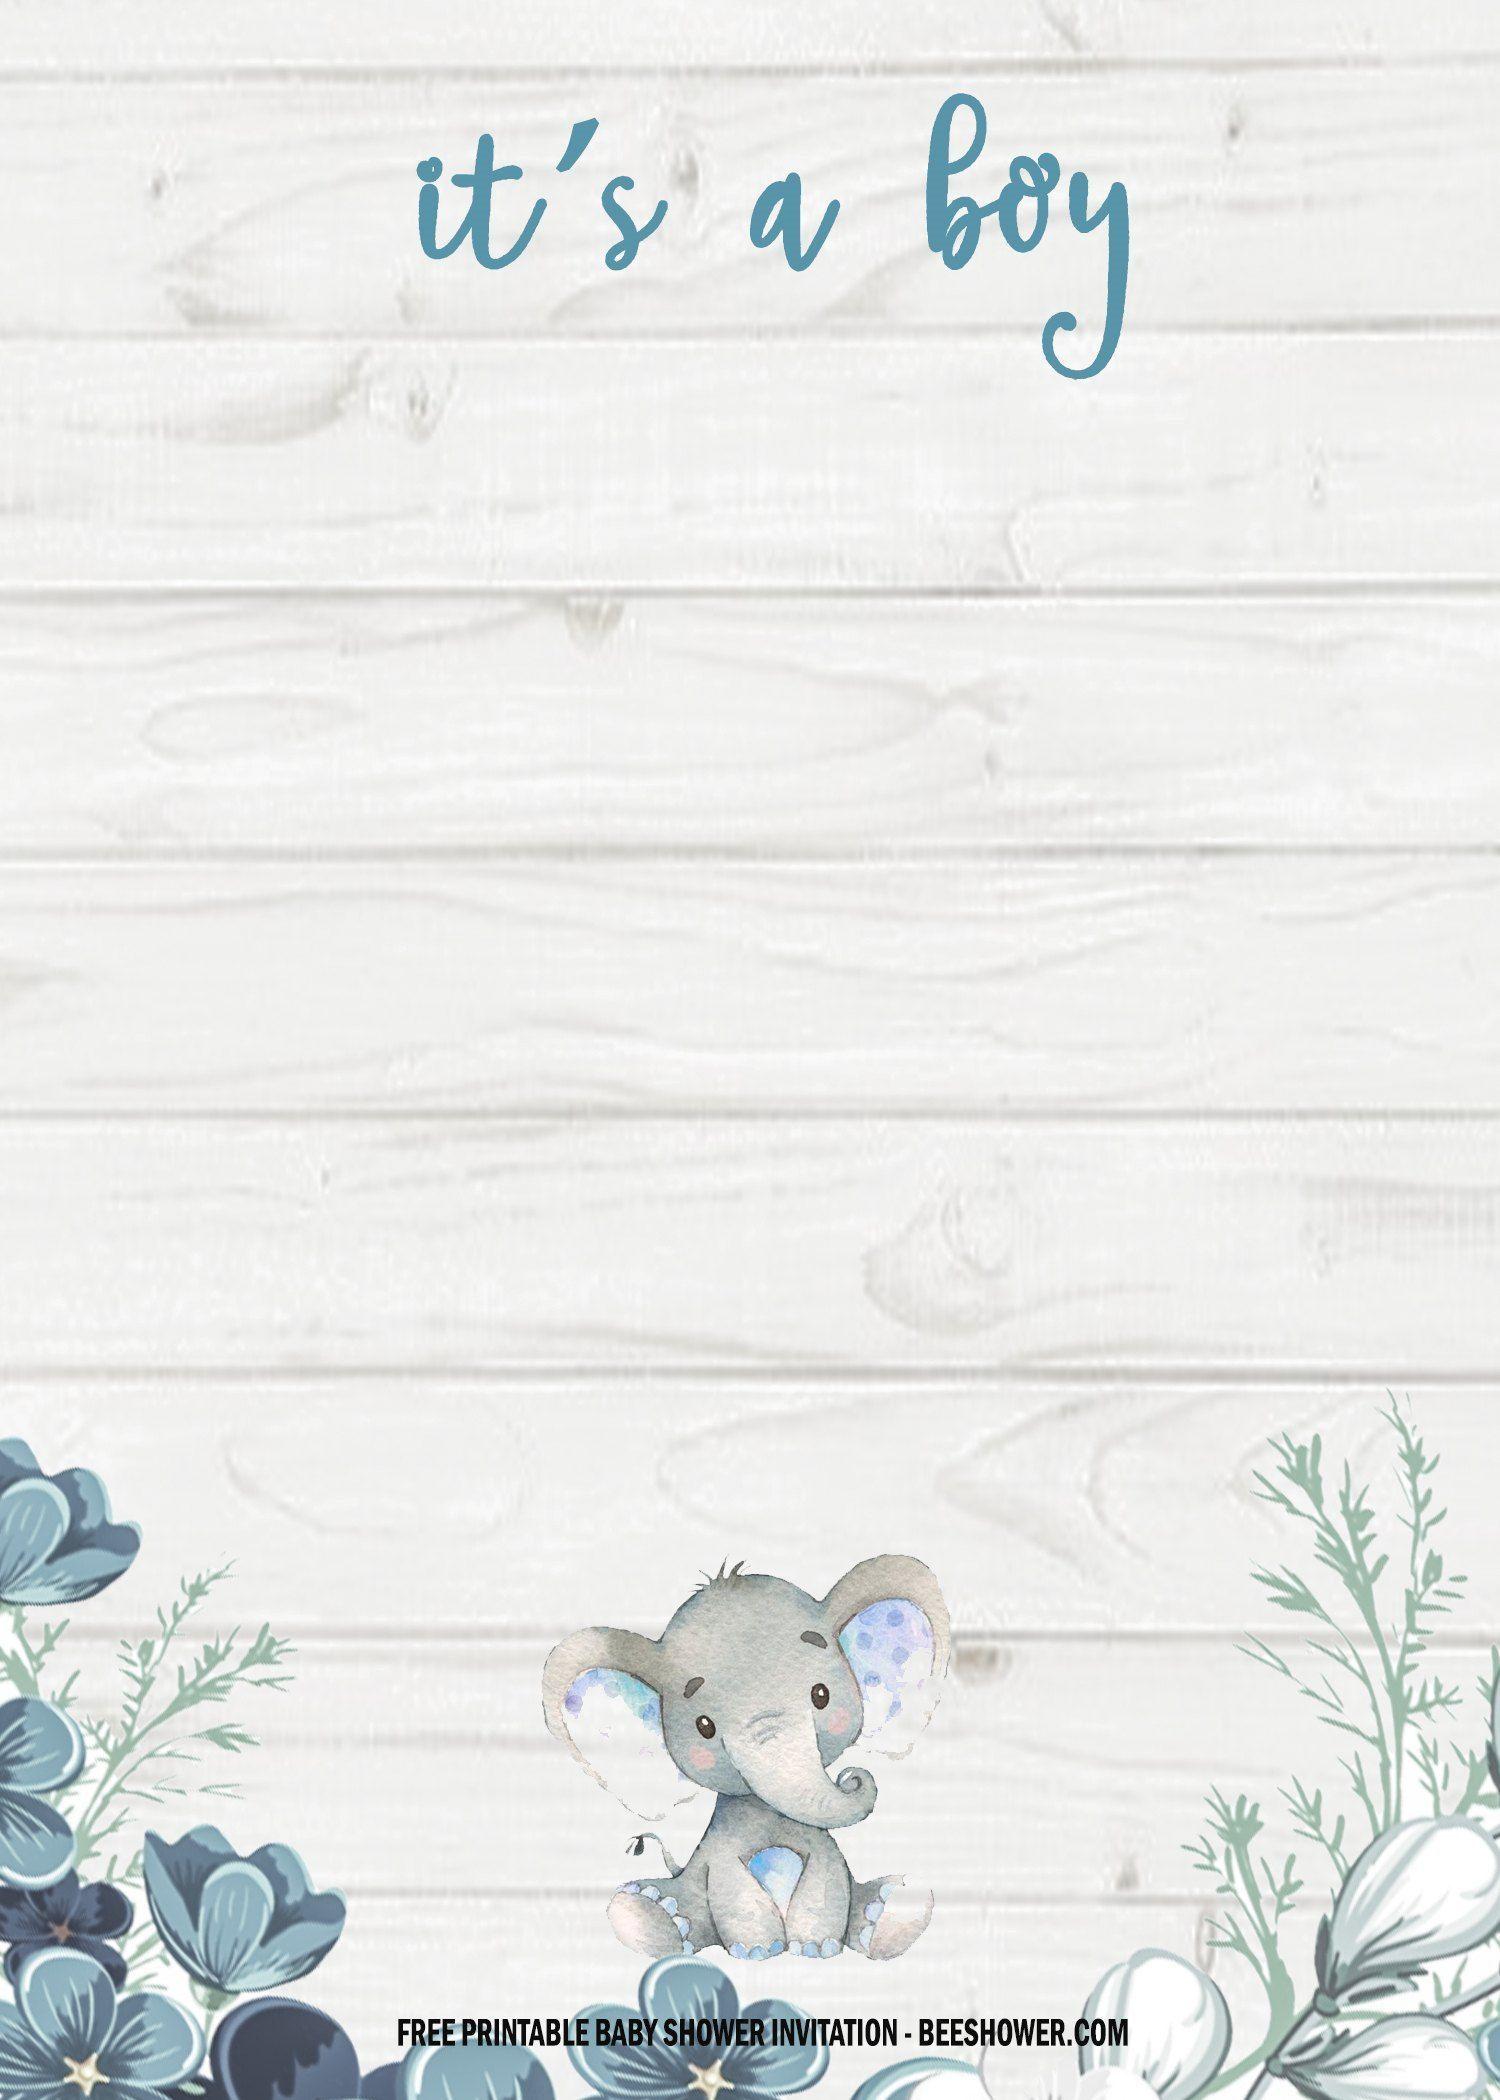 005 Shocking Free Baby Shower Printable Elephant Highest Quality  DecorationFull